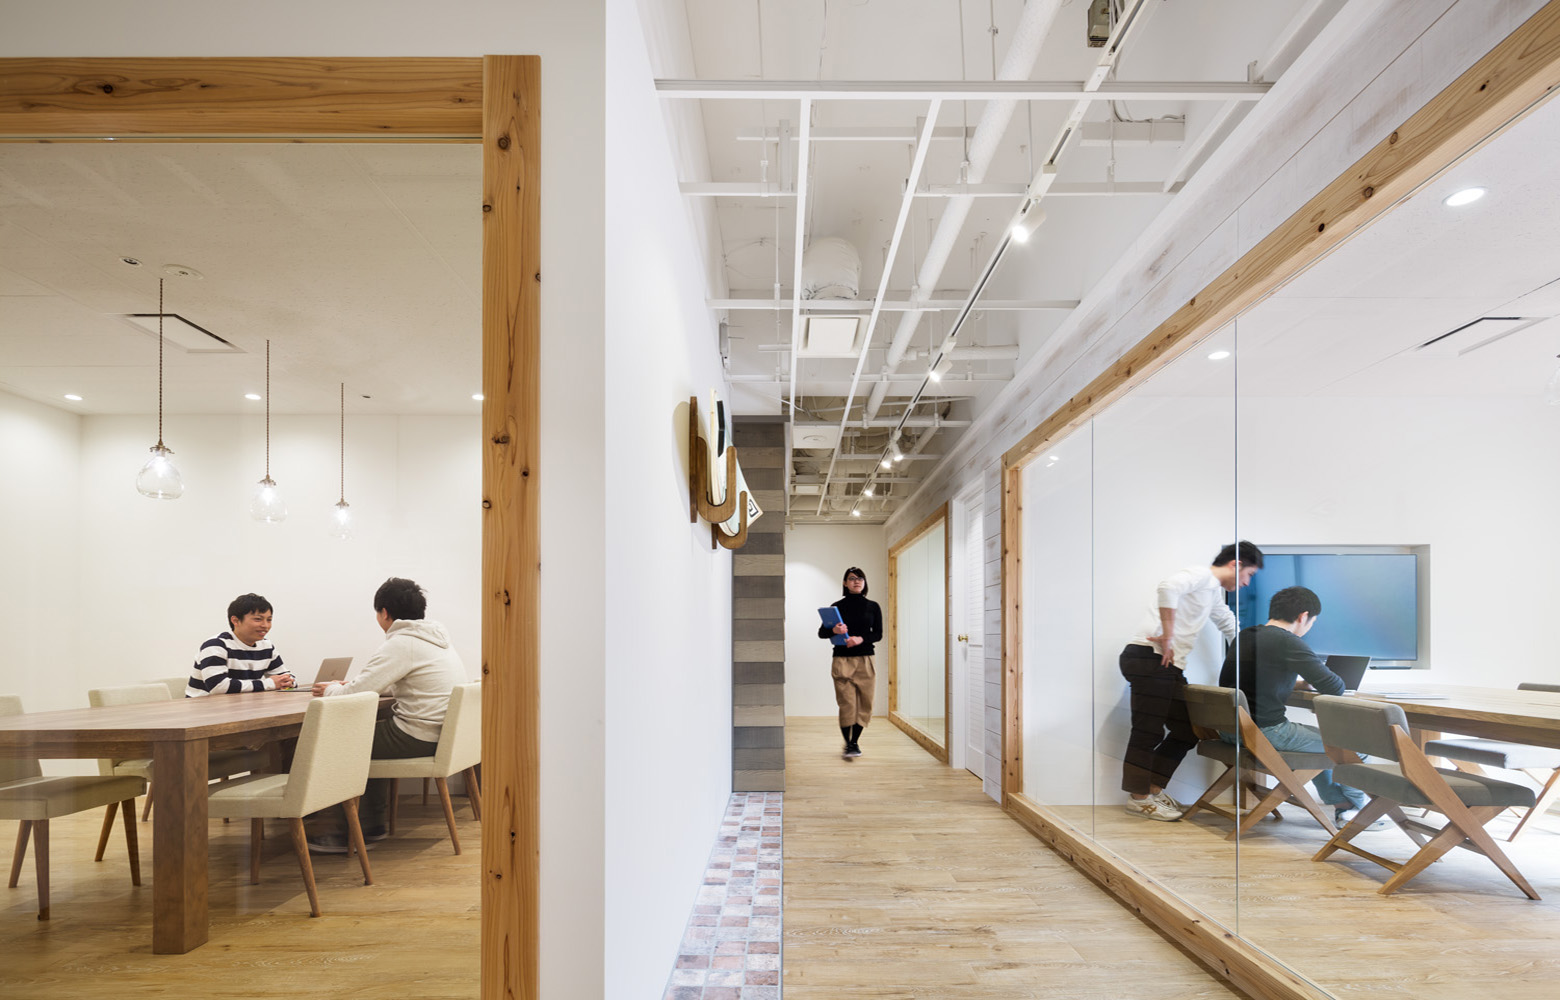 株式会社アトラエ vol.2 Meeting Room デザイン・レイアウト事例